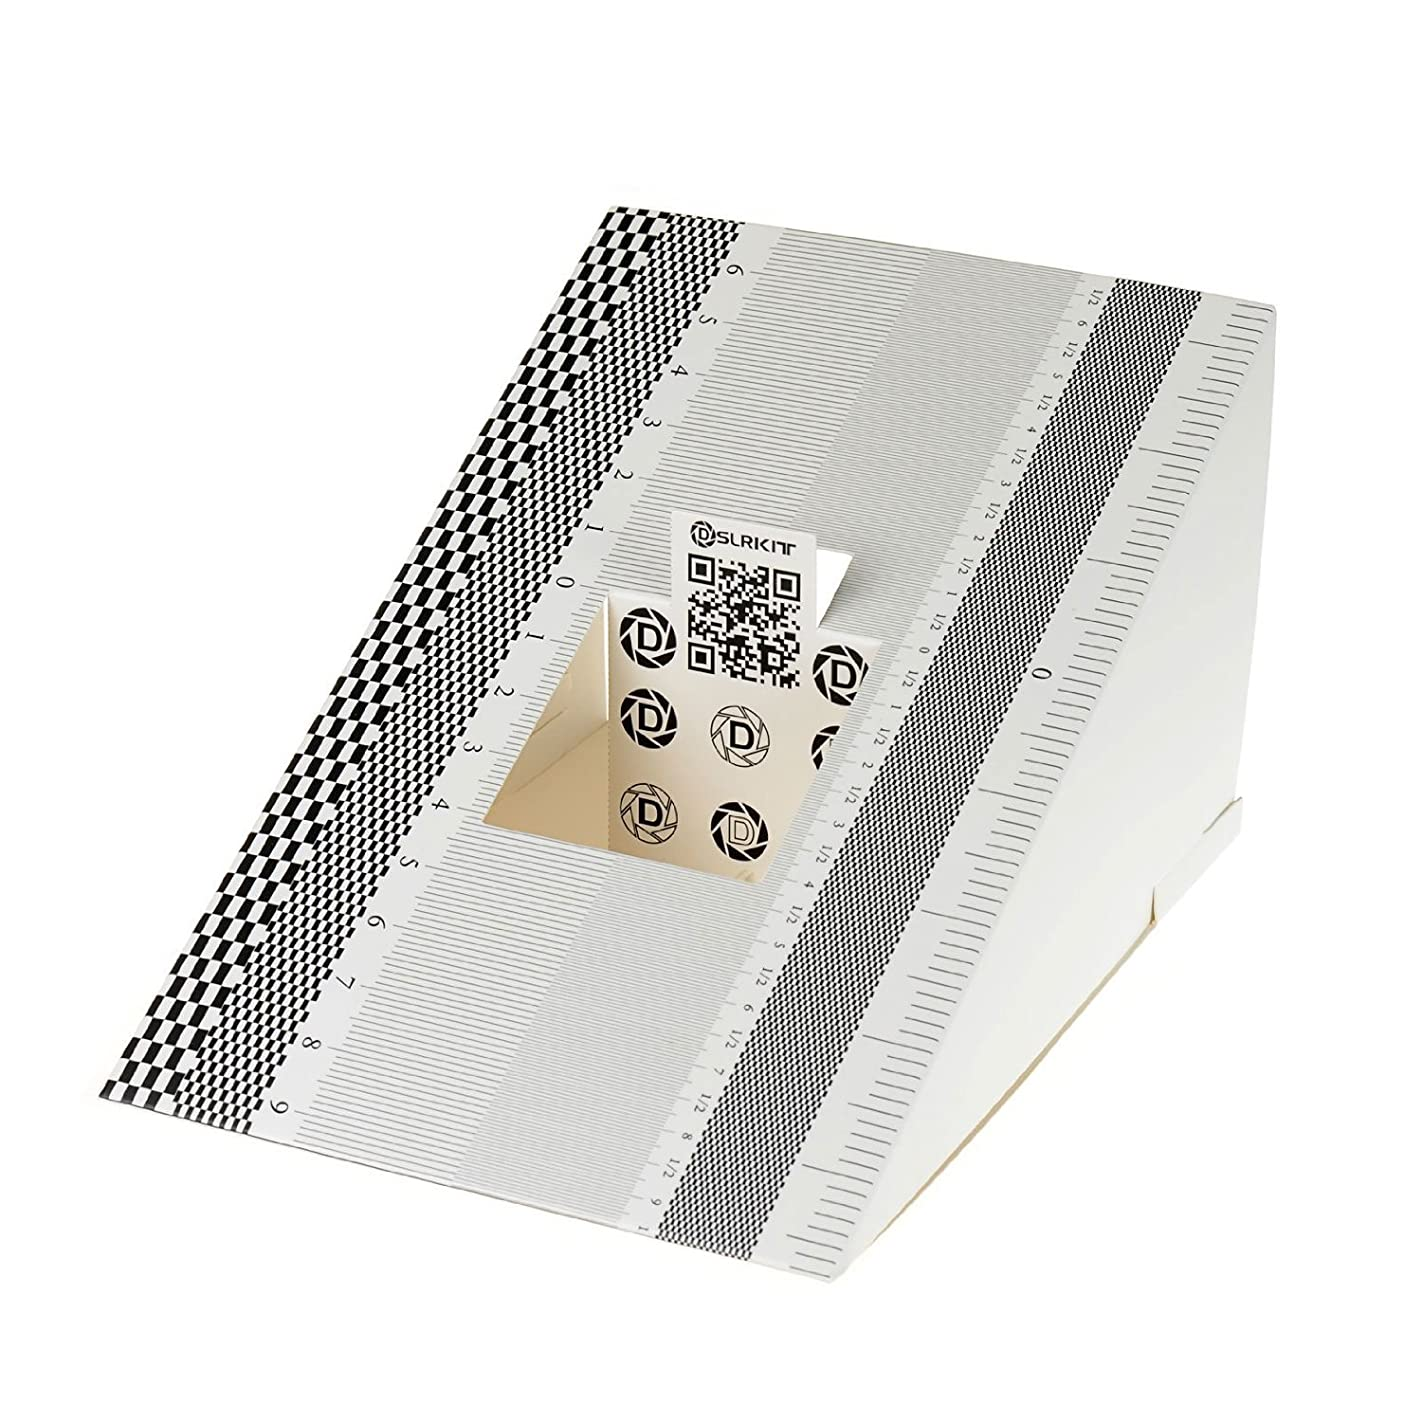 咳スイス人バンジョーDSLRKIT Lens Focus Calibration Tool Alignment Ruler Folding Card (pack of 2)